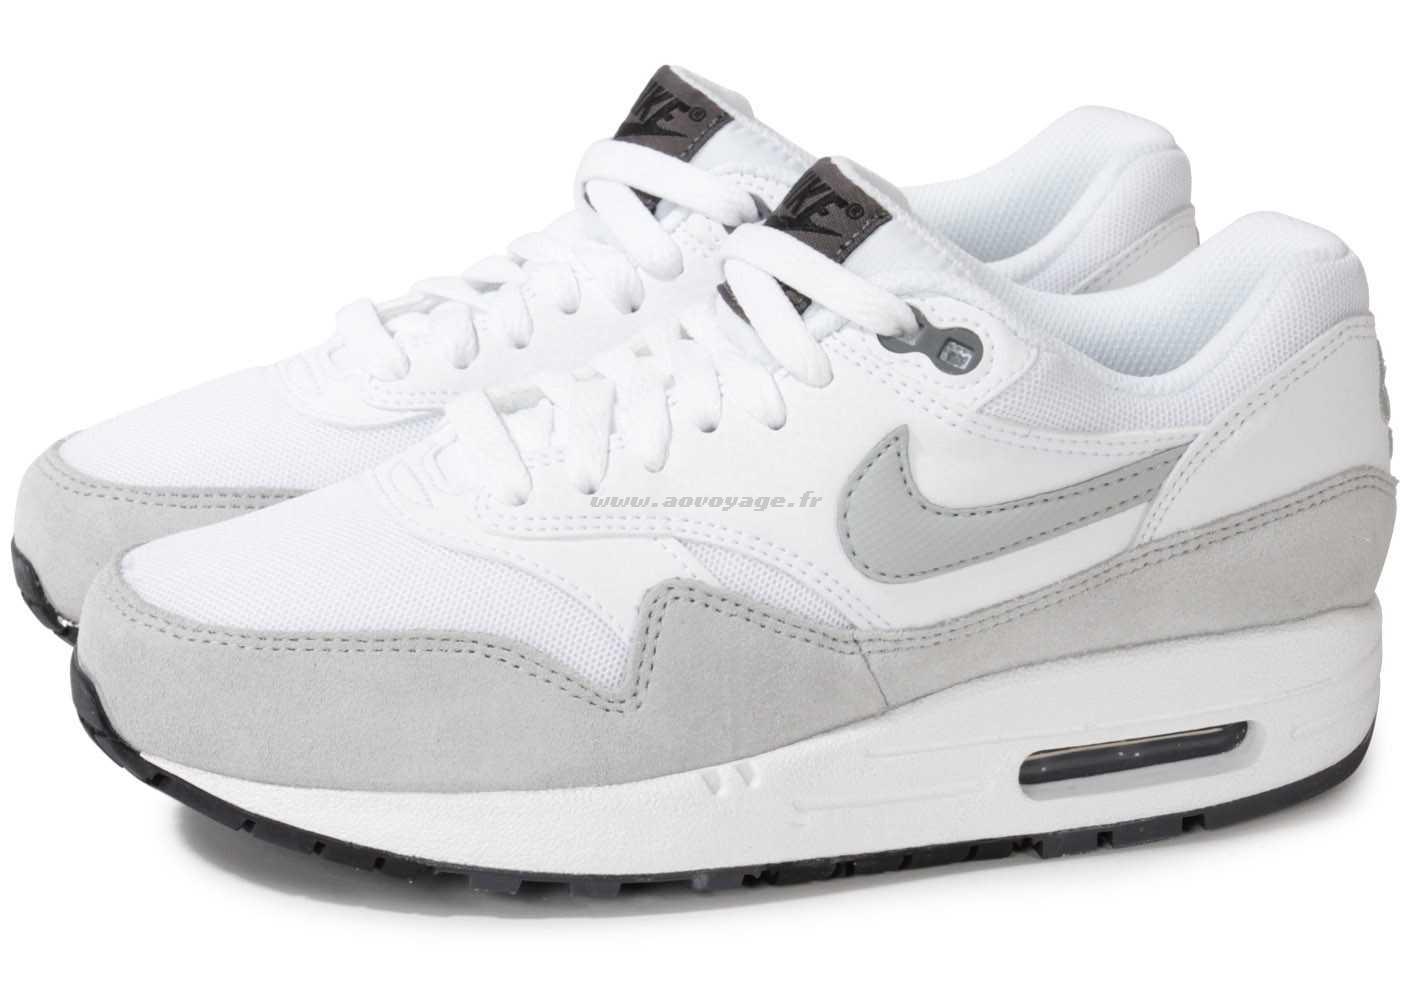 on sale 6b27b 8bcf8 Prix de gros air max 1 essential femme grise blanc France vente en ligne,  toutes les gammes de chaussures Nike pour hommes et femmes outlet pas cher.